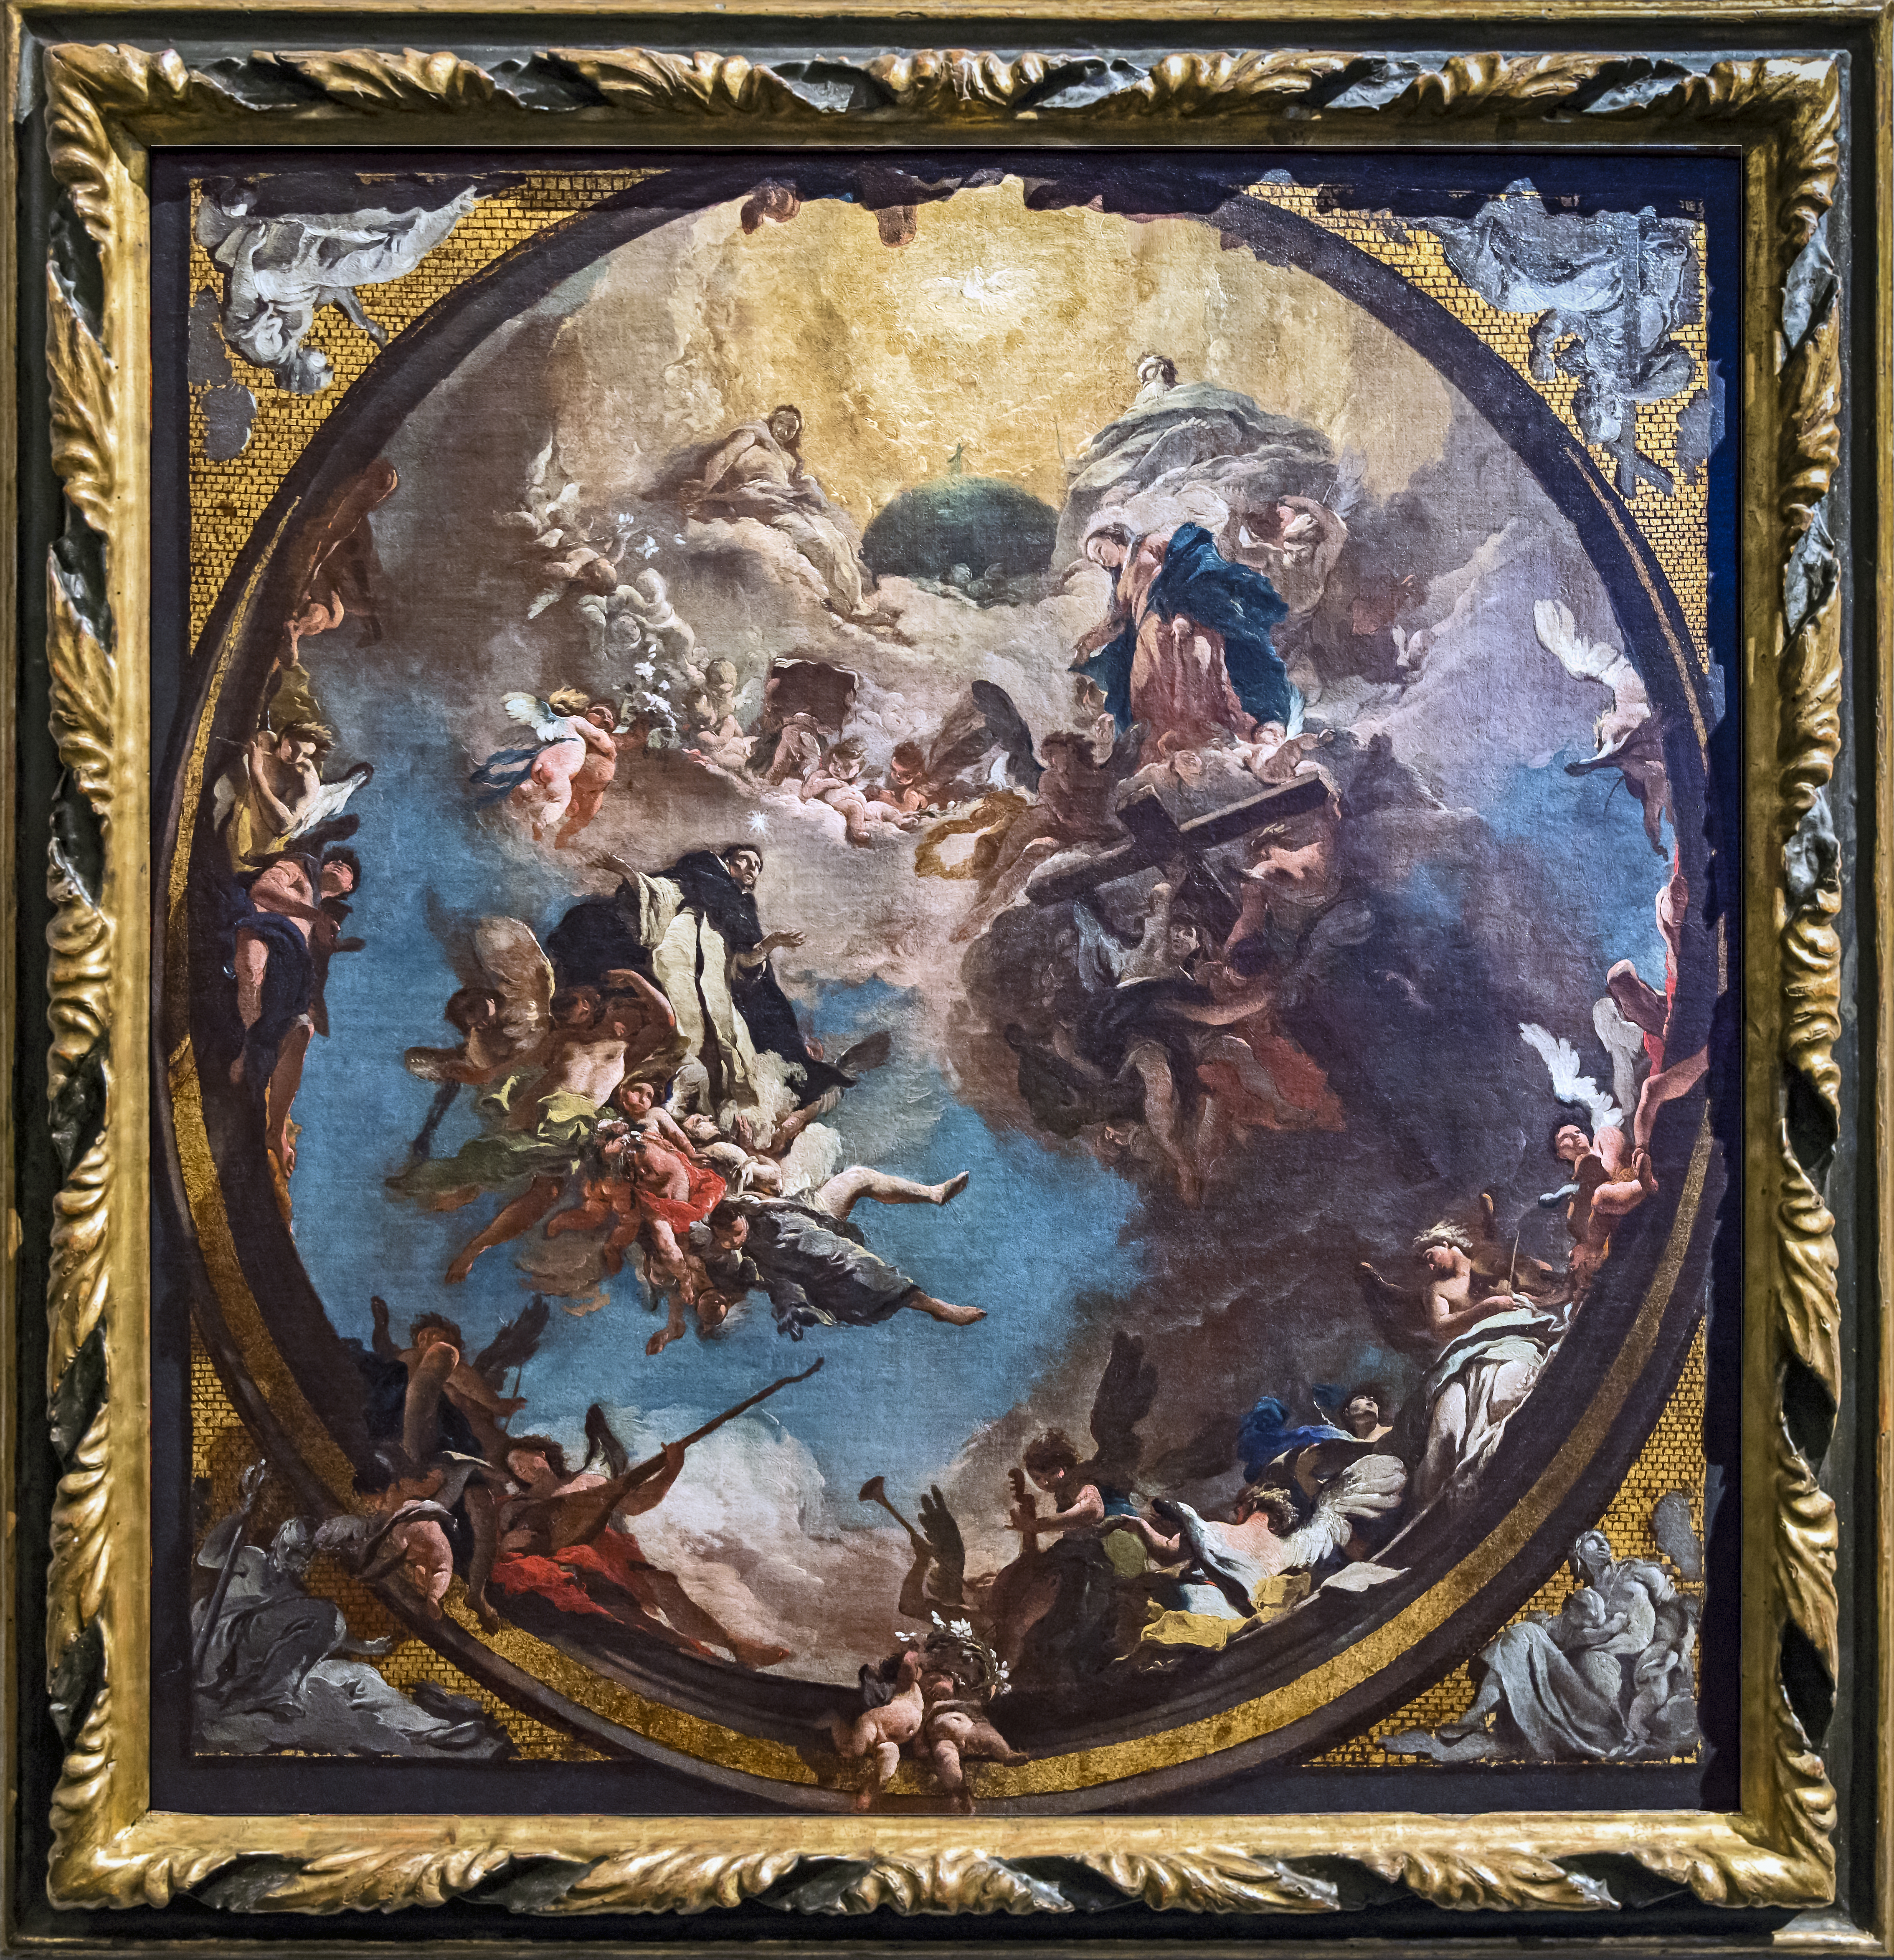 File:Accademia - Giambattista Tiepolo, San Domenico in gloria 1723.jpg